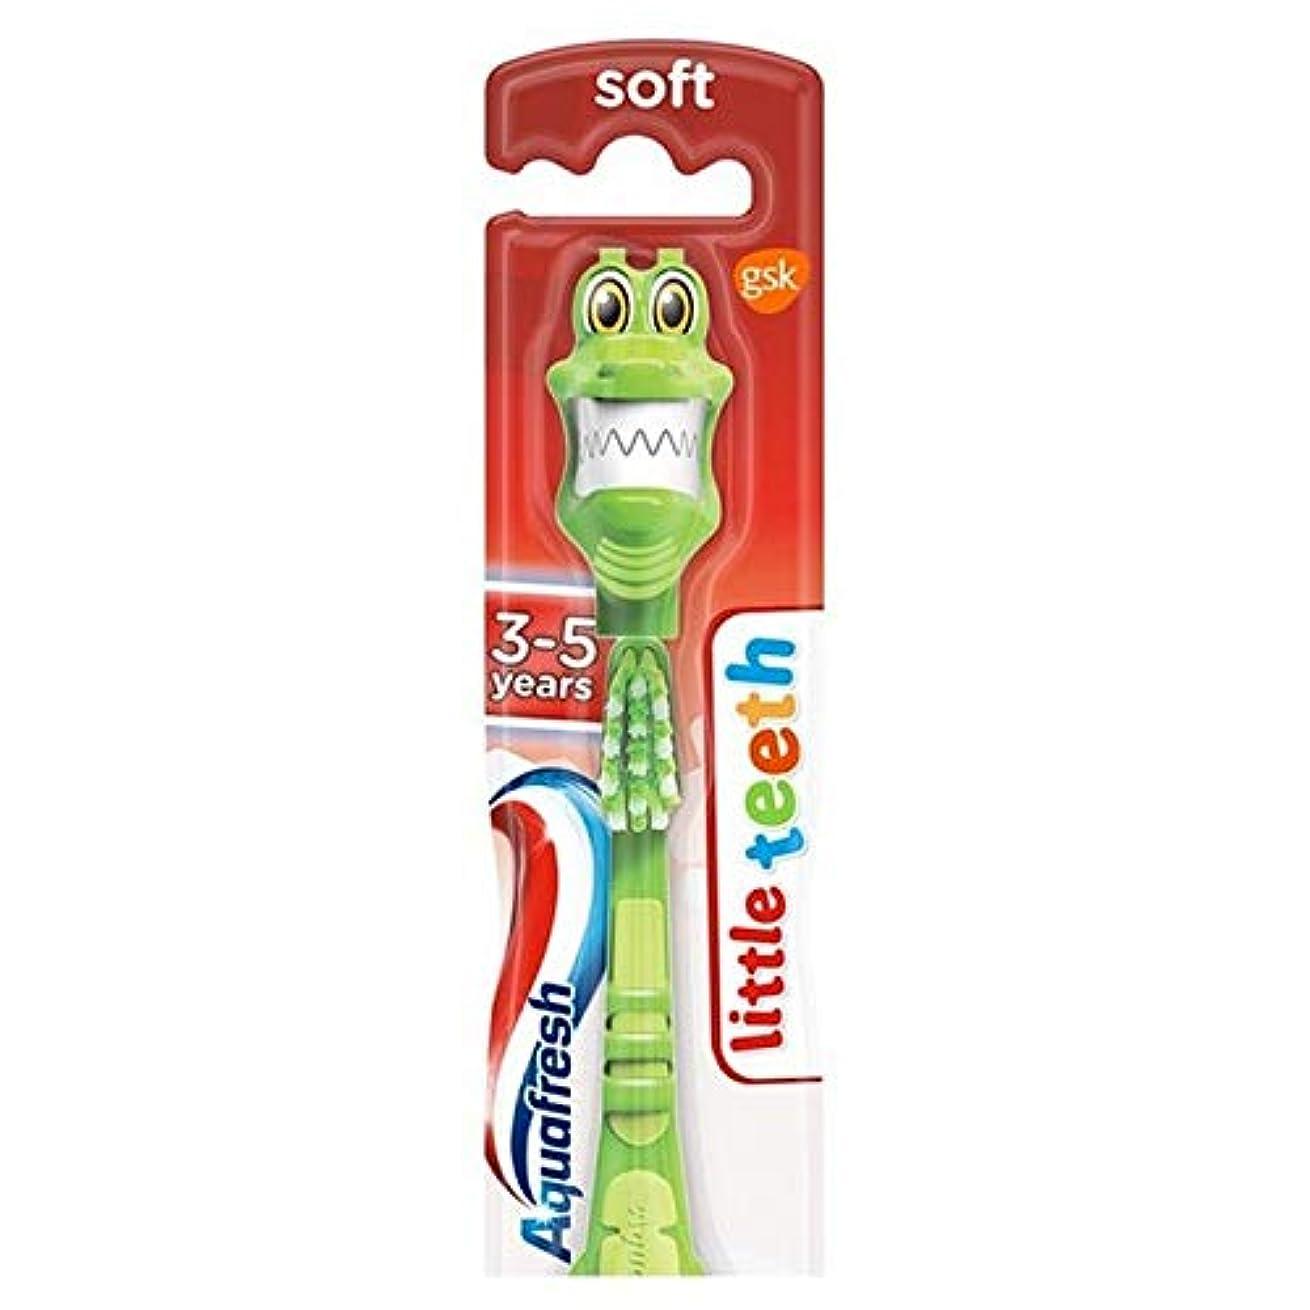 コロニアル返還義務的[Aquafresh ] アクアフレッシュ少し歯3~5人の子供の柔らかい歯ブラシ - Aquafresh Little Teeth 3-5 Years Kids Soft Toothbrush [並行輸入品]